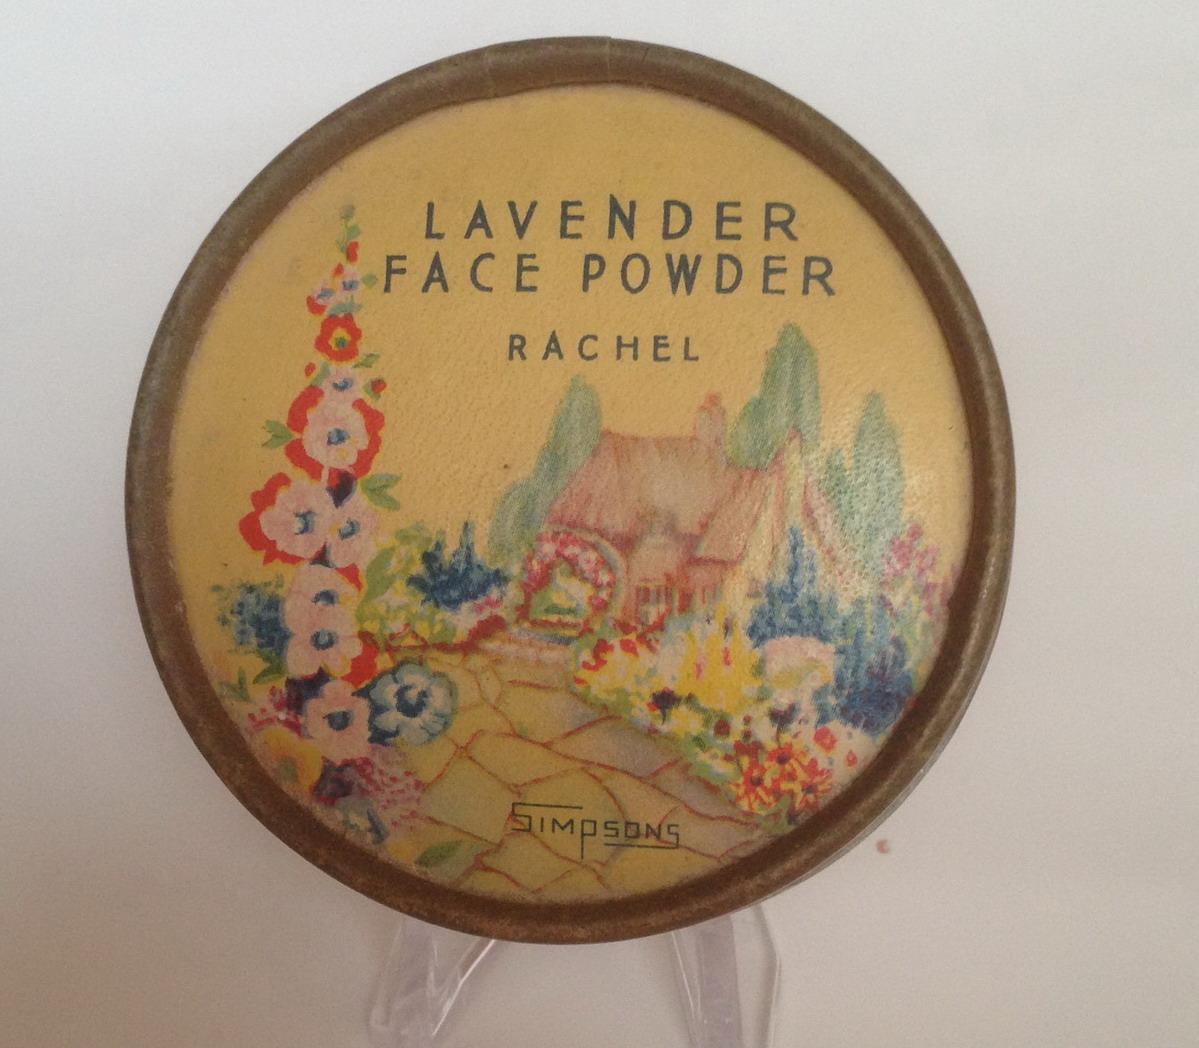 Simpsons - Lavender Face Powder - Rachel